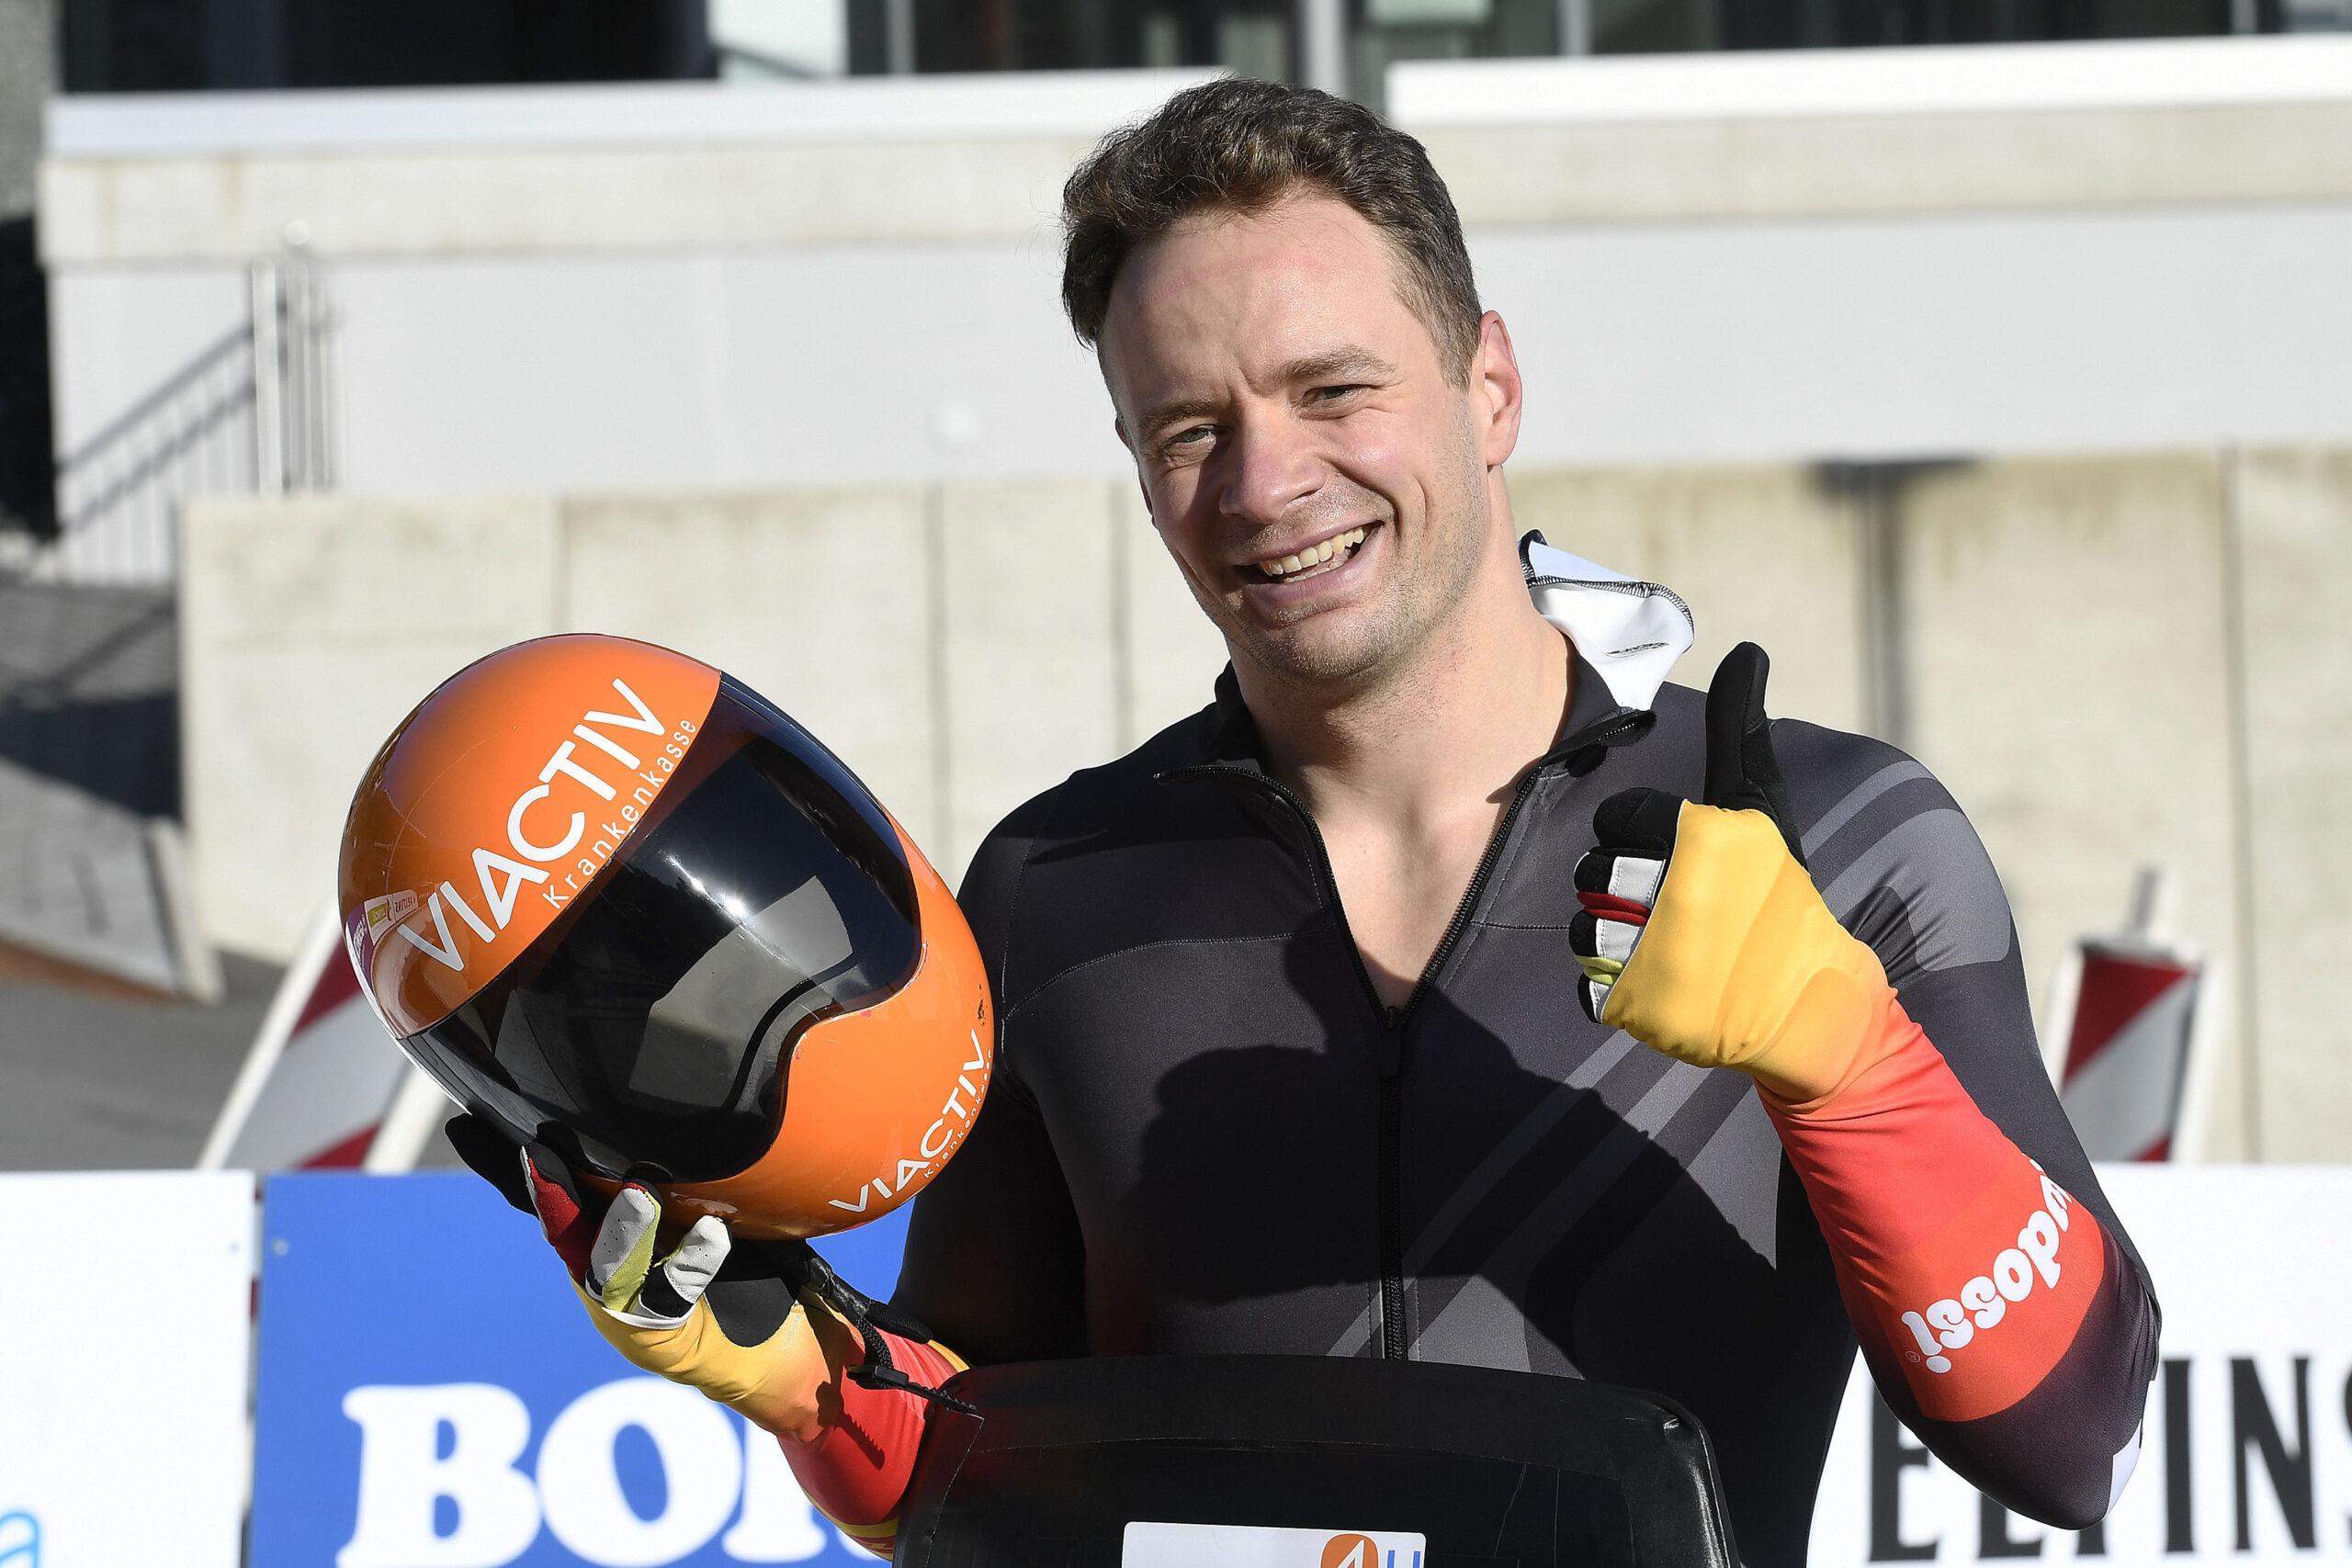 Deutscher Meister Alex Gassner